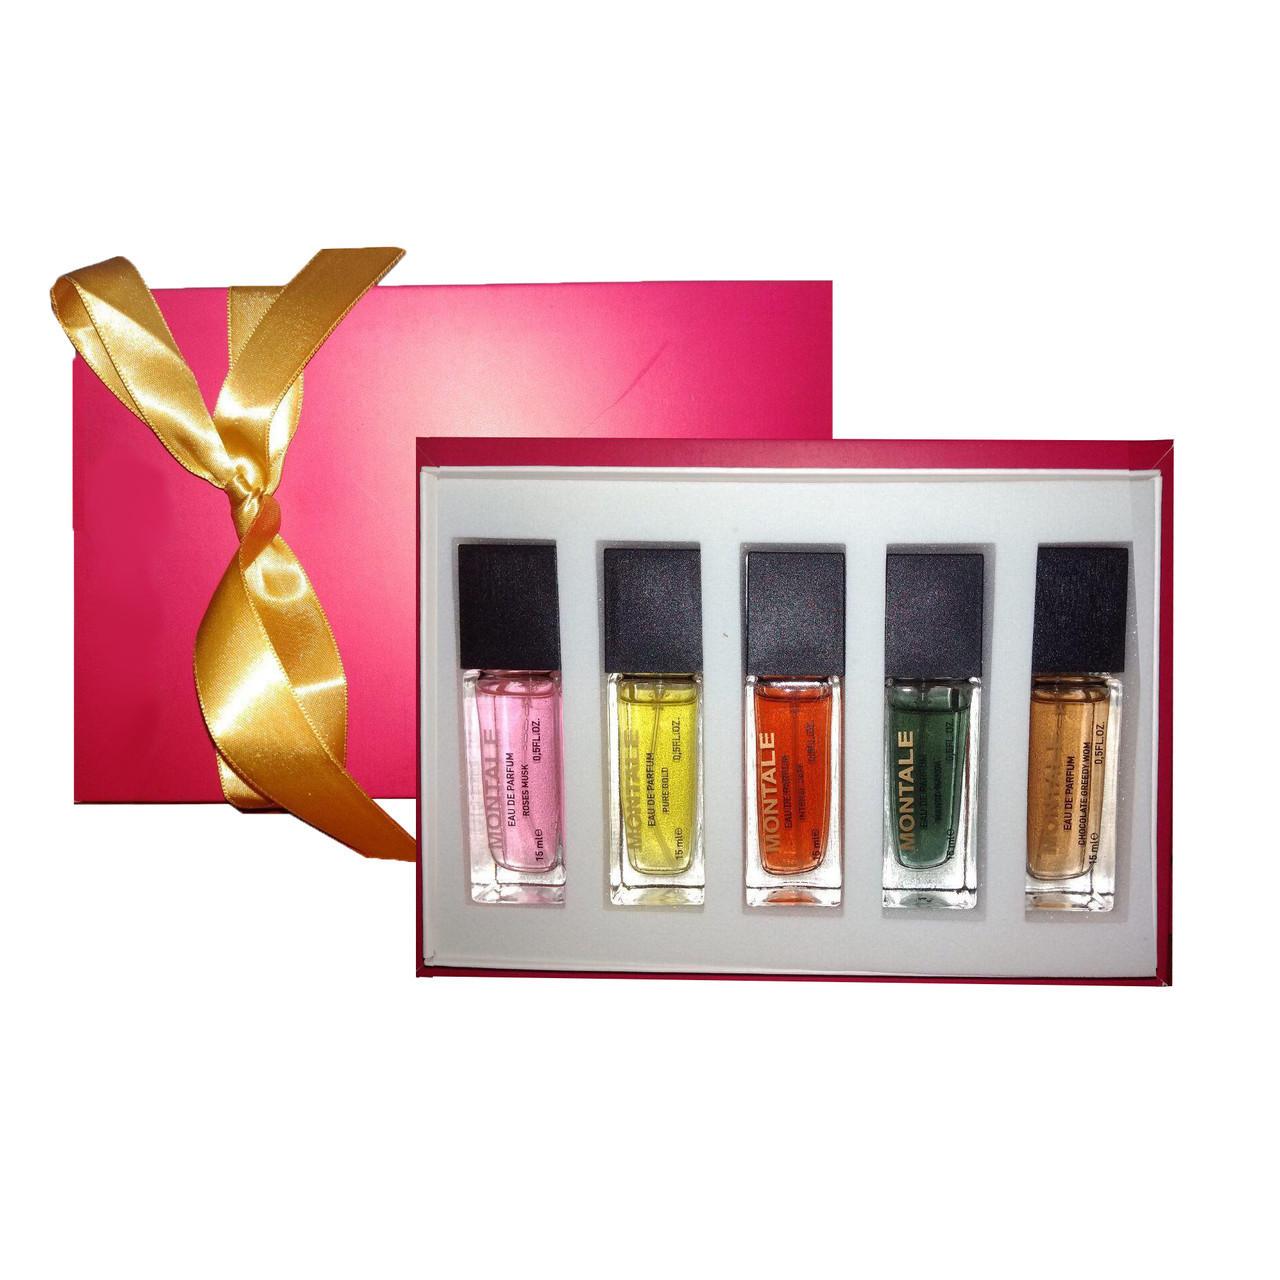 Подарочный набор мини-парфюмов Montale Pink unisex 5 по 15 мл